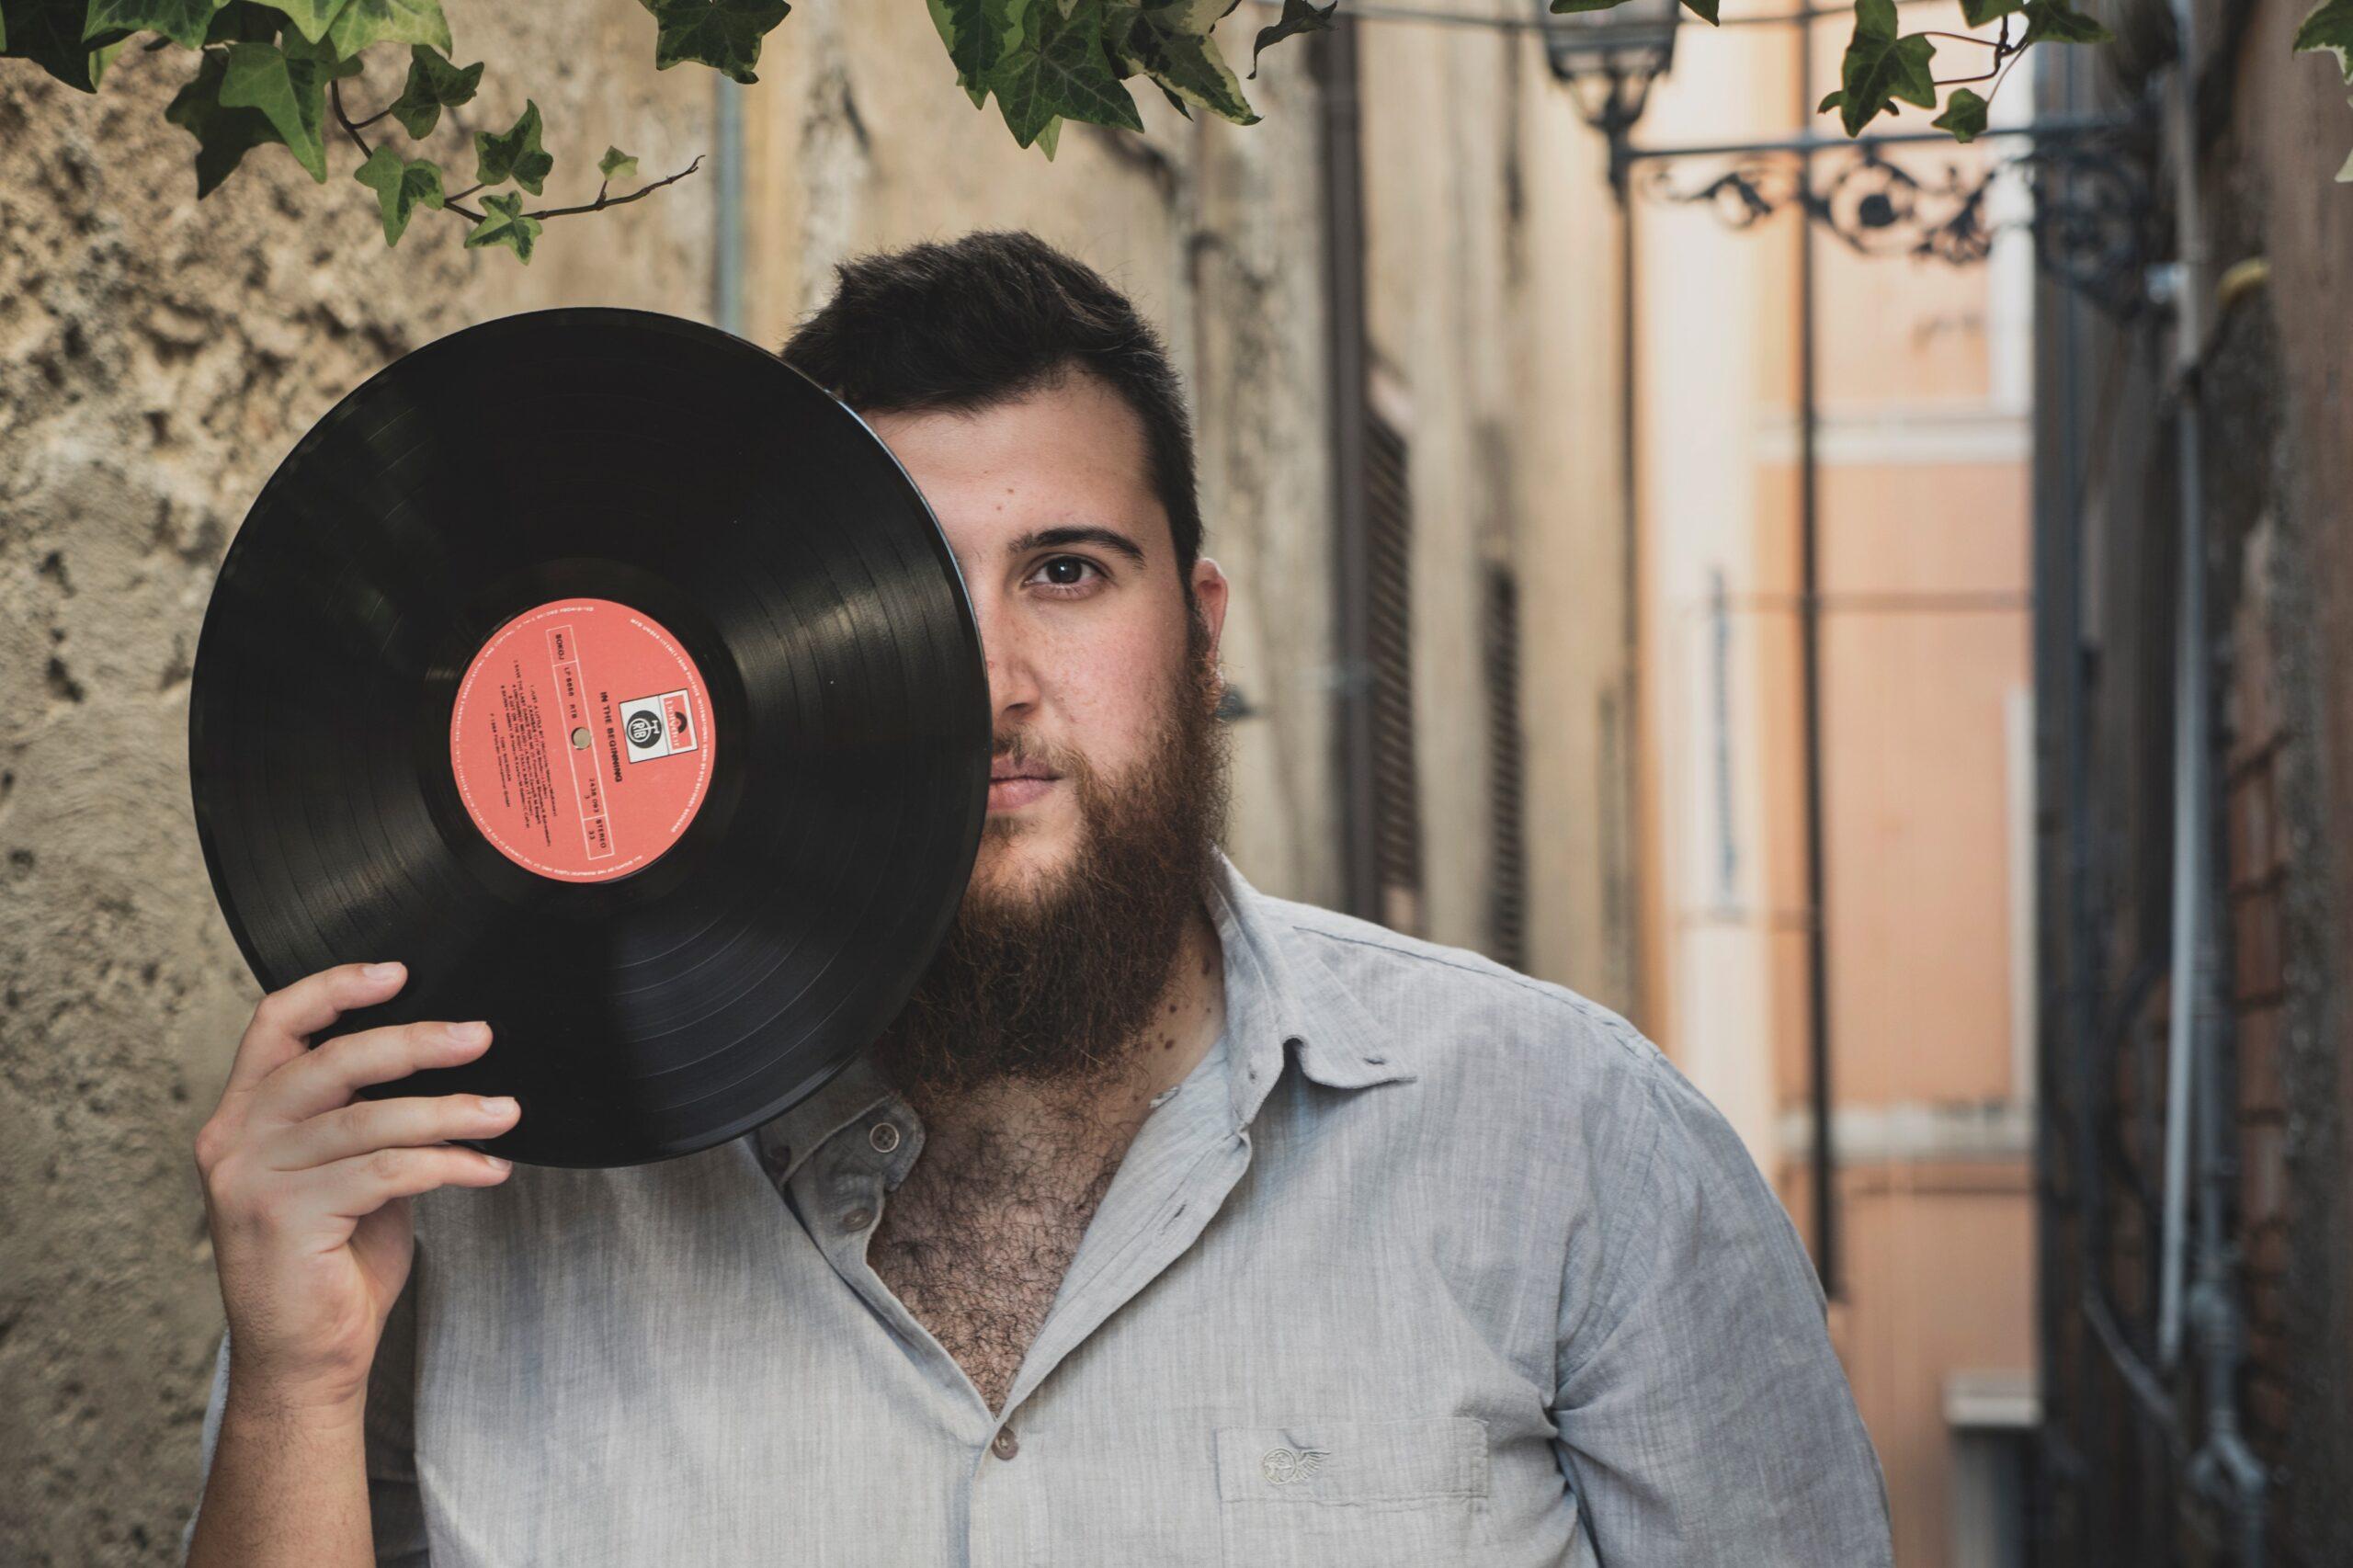 Il ritorno di Fabio Mancini con un EP in italiano. L'intervista su MIE.